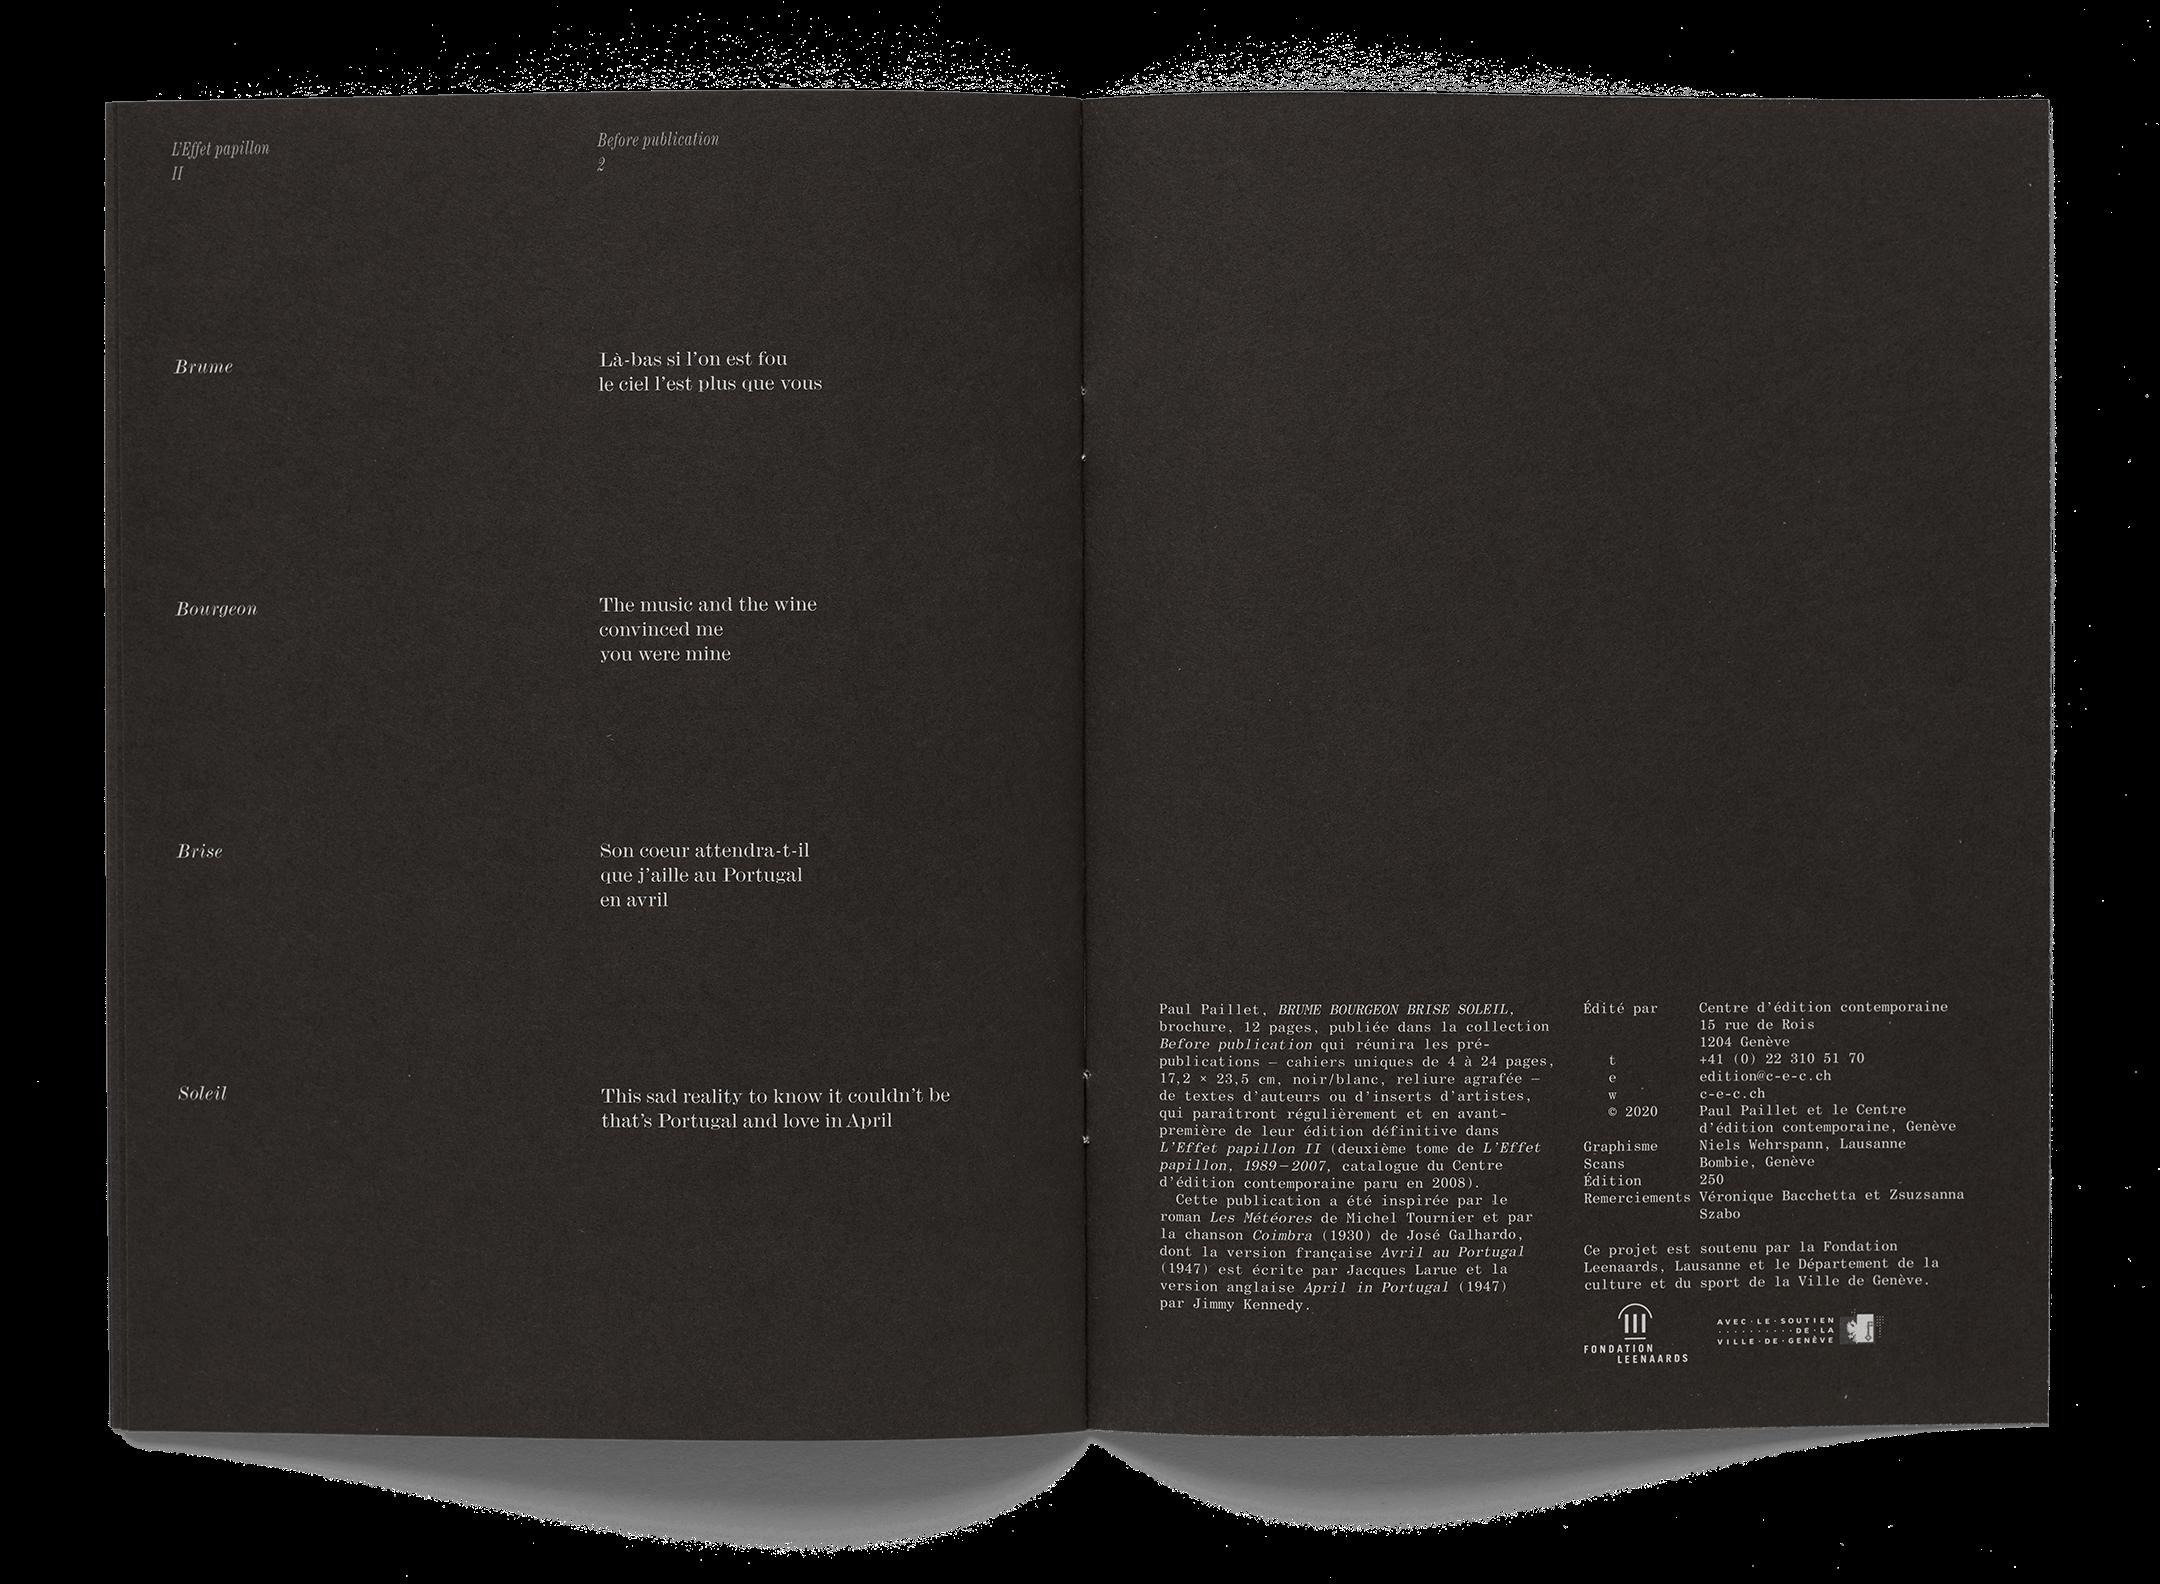 Double page de la brochure de l'artiste Paul Paillet